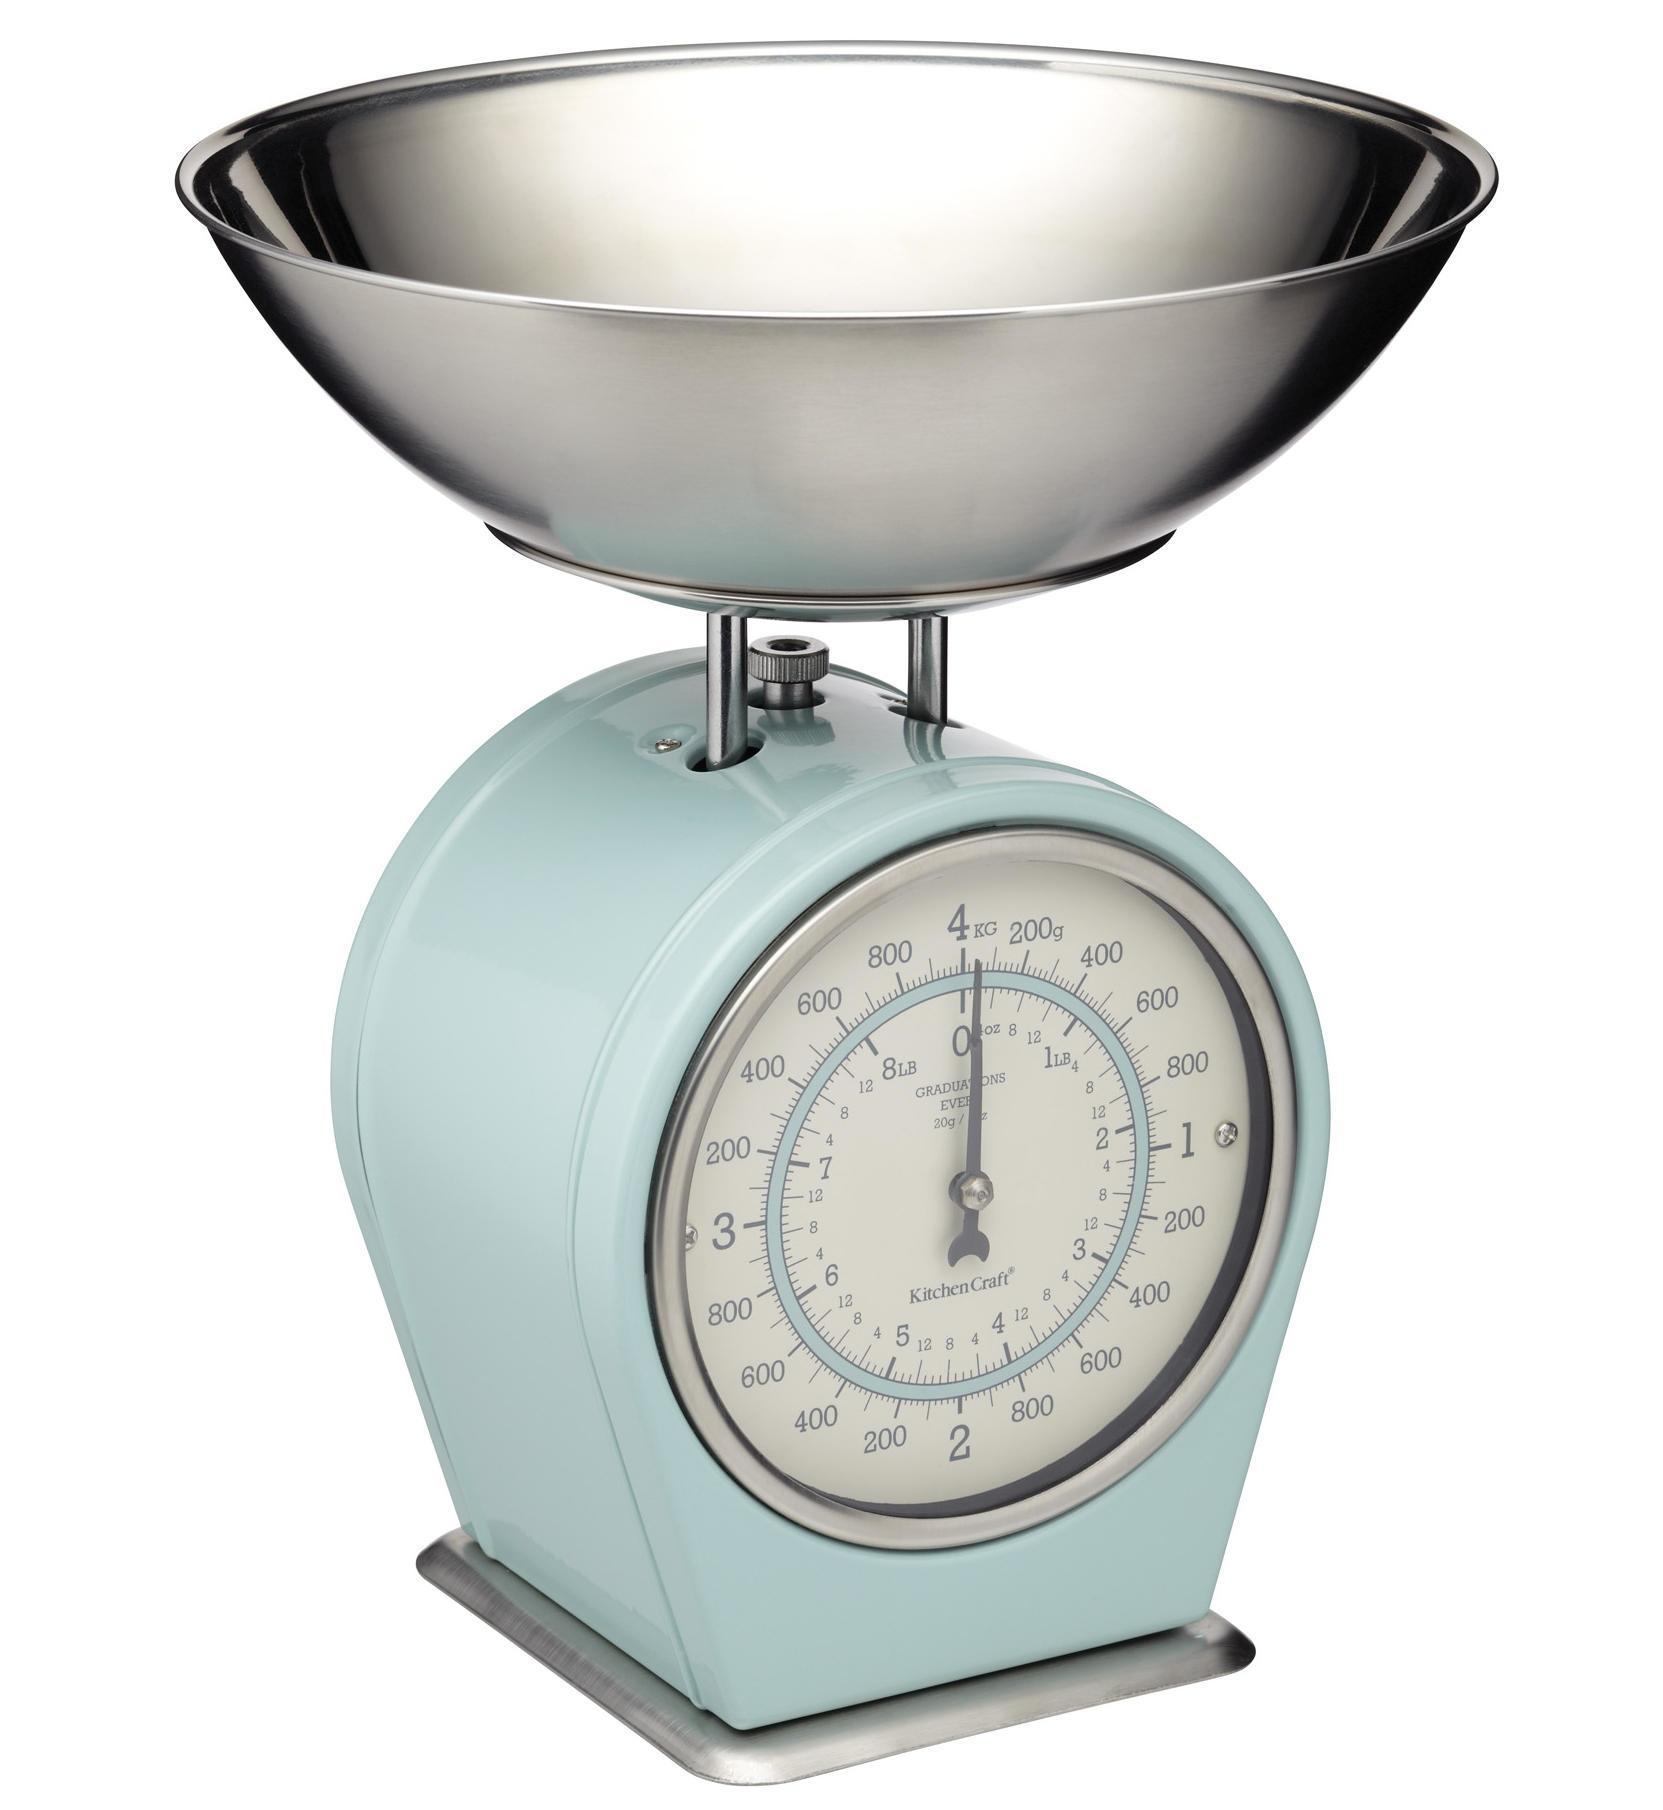 Kitchen Craft Mechanická kuchyňská váha Vintage blue - 4 kg